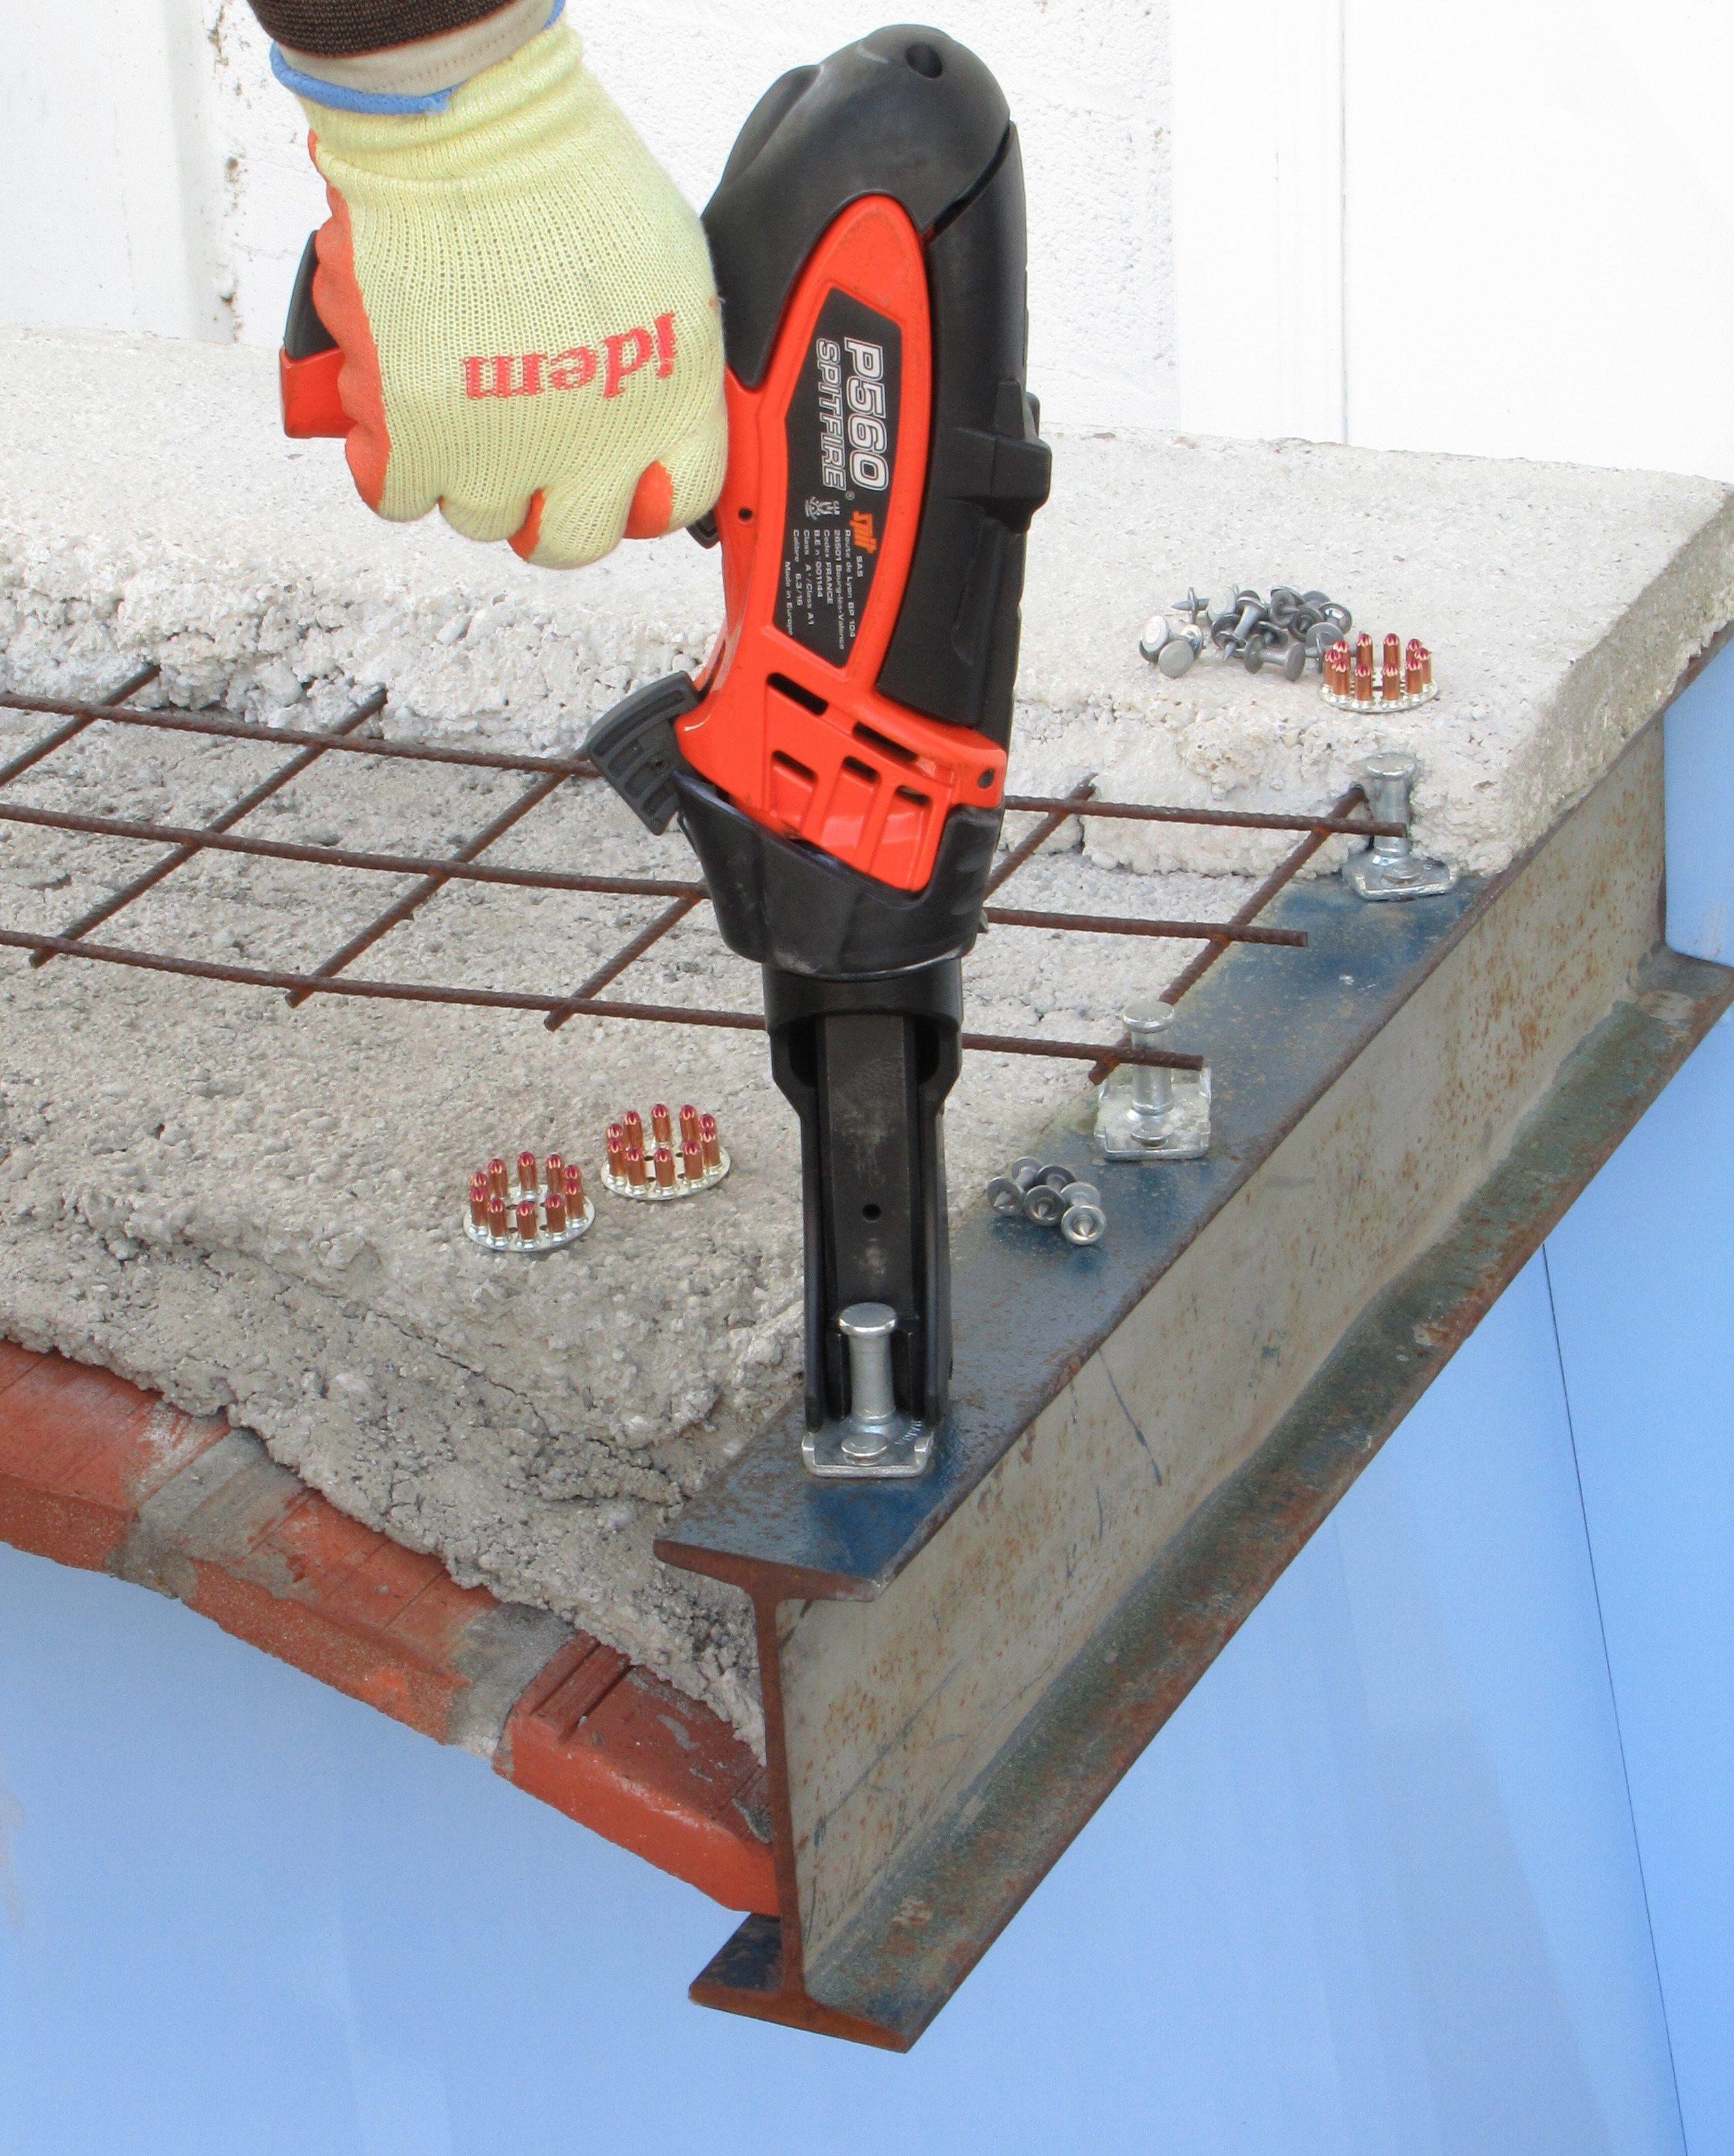 Solaio collaborante acciaio calcestruzzo connettore ctf - Pellicola oscurante vetri casa ...